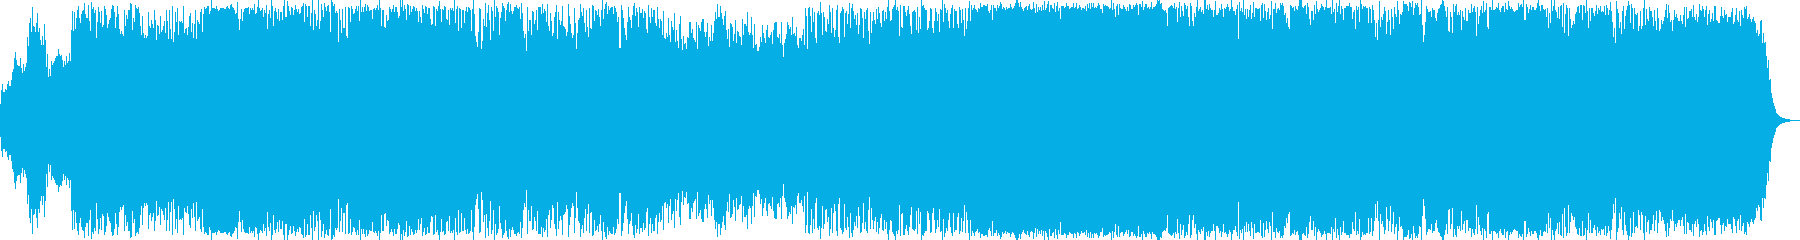 力強いイメージのニューエイジ音楽の再生済みの波形